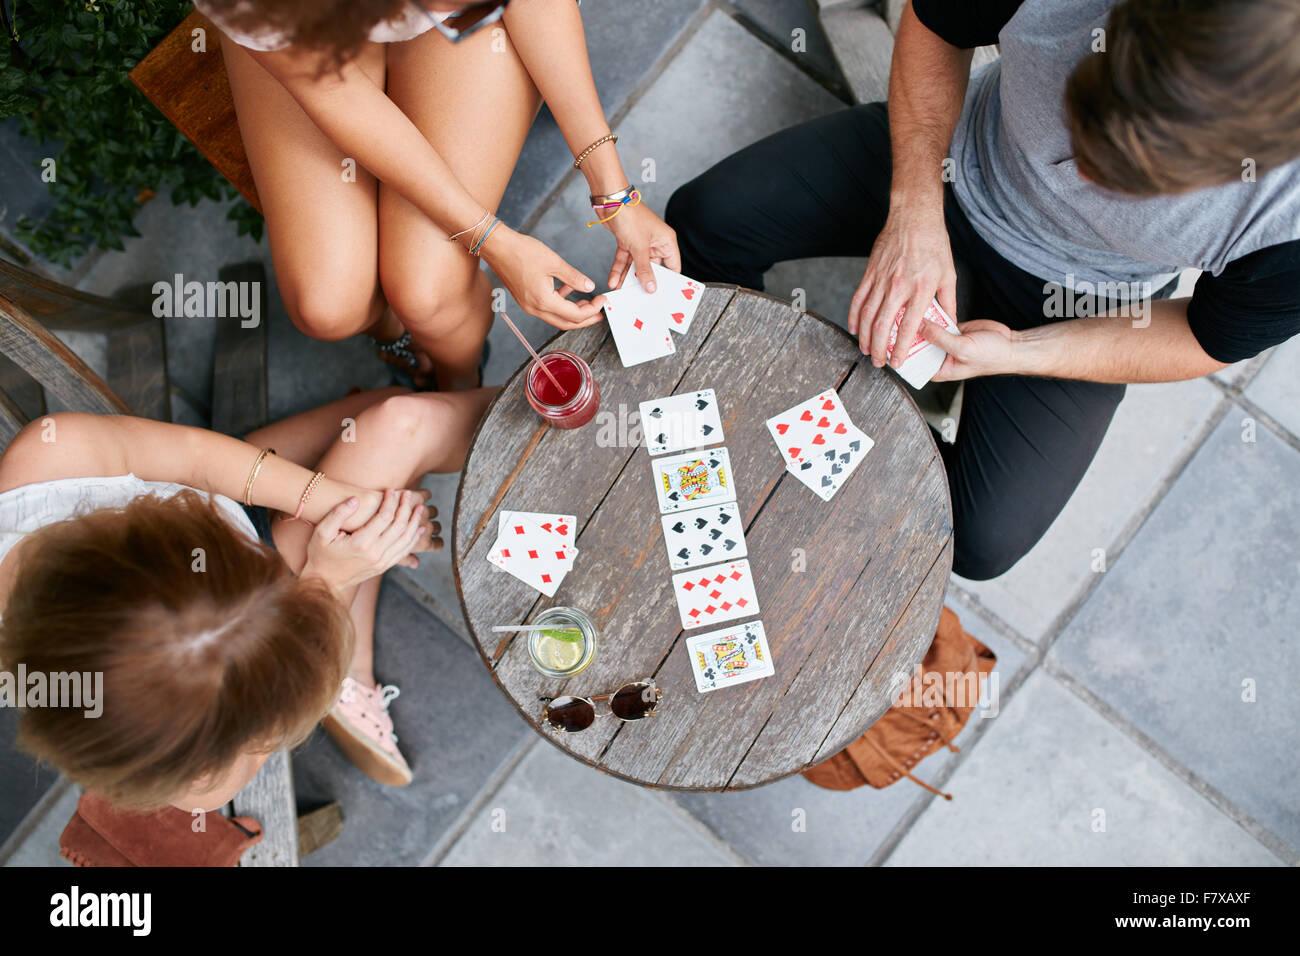 Vista superiore di tre giovani giocando a carte cafè sul marciapiede. I giovani seduti attorno a un tavolo Immagini Stock